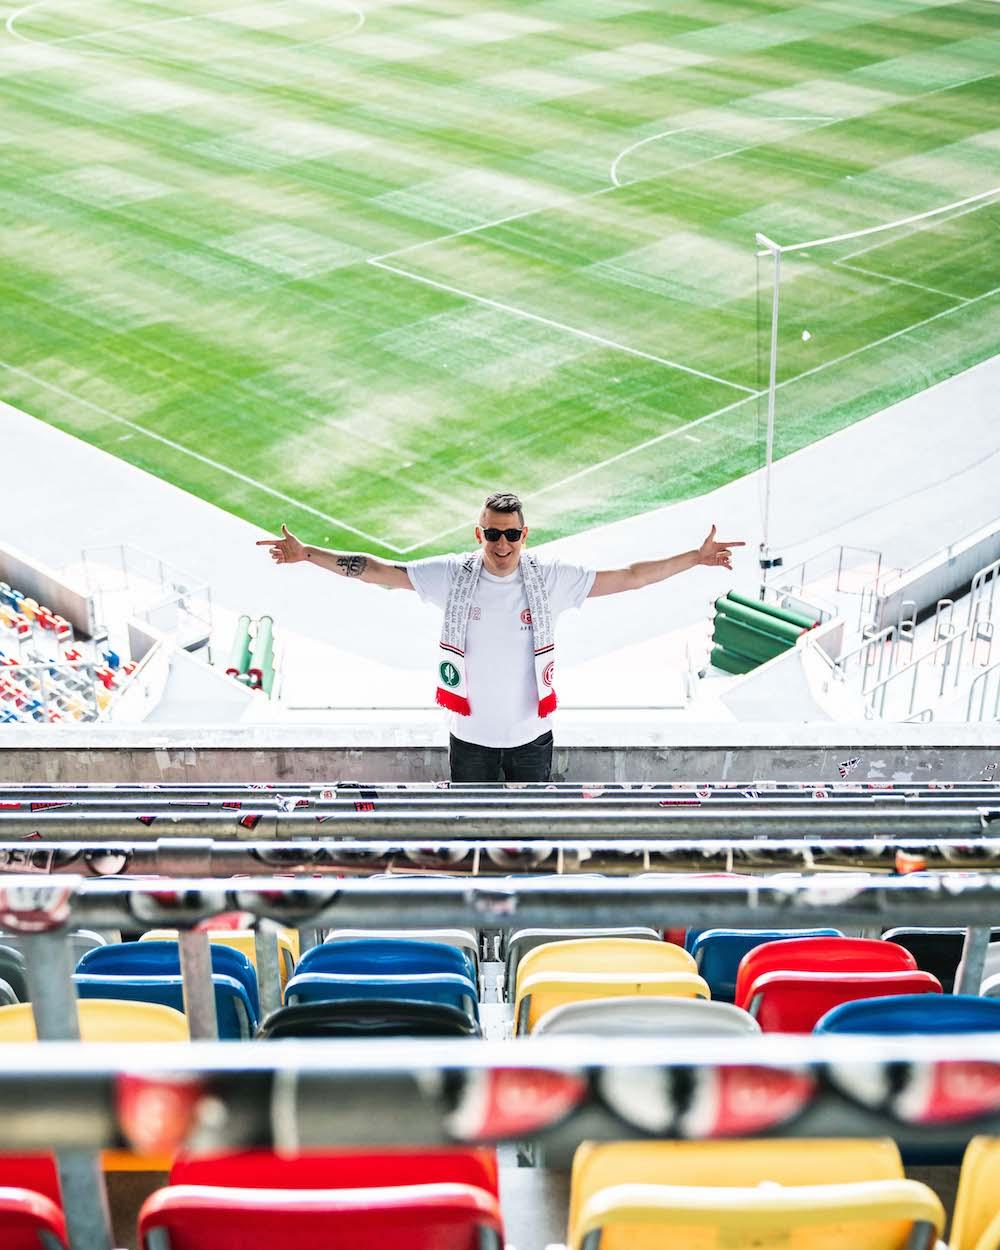 AFEW_x_Mizuno_x_Fortuna_Stadion_HighRes-6